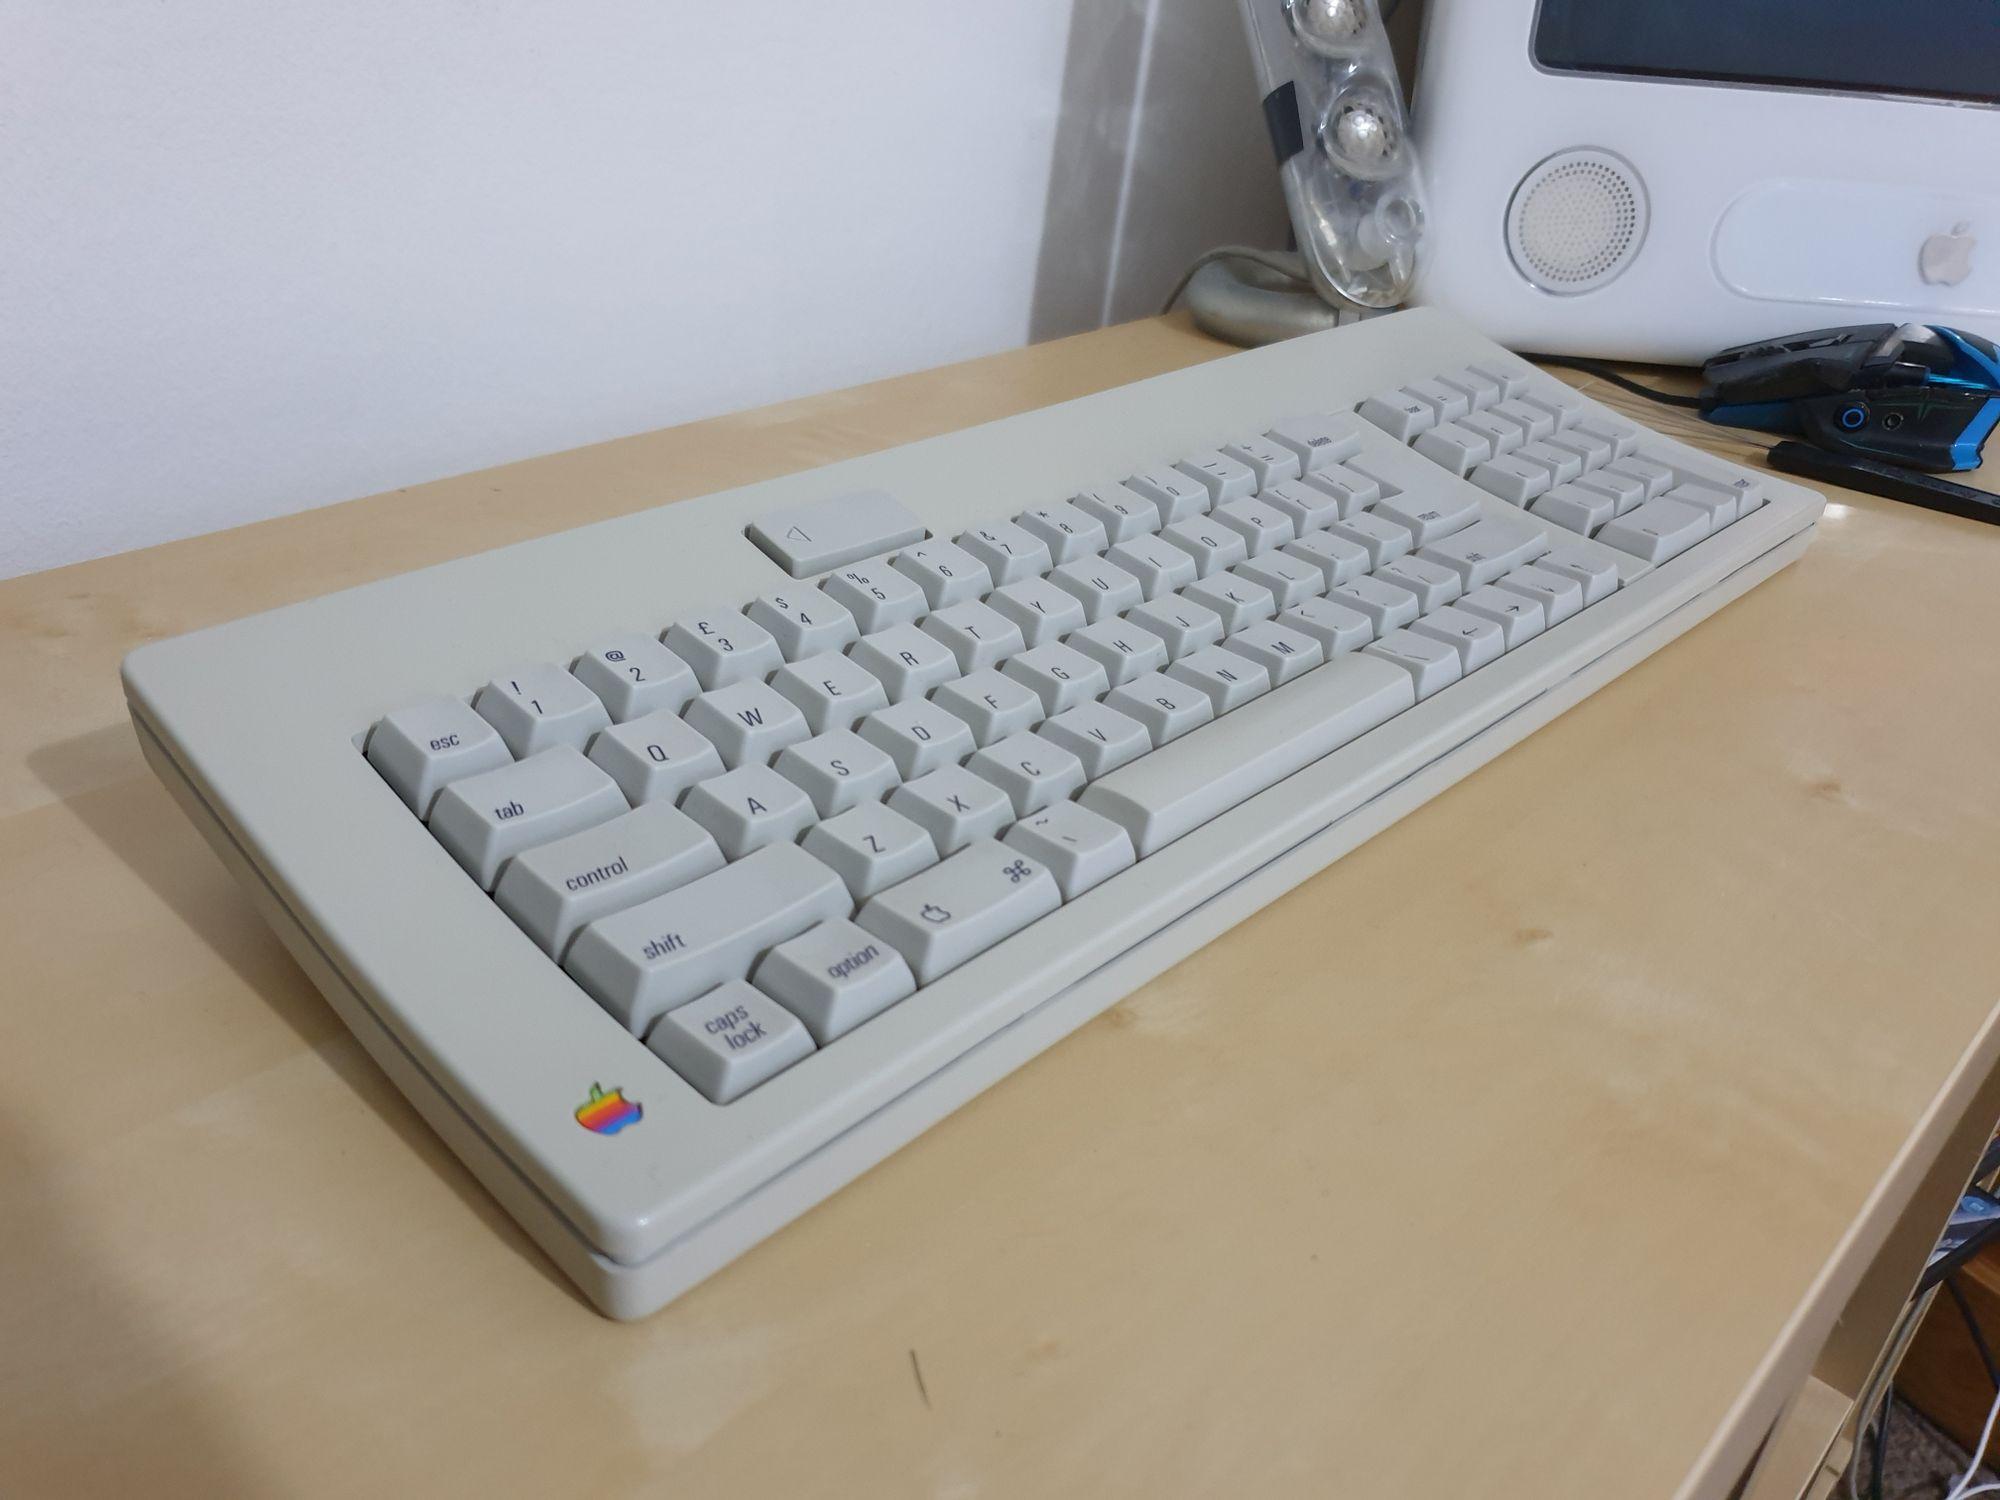 Apple Standard Keyboard (M0116)